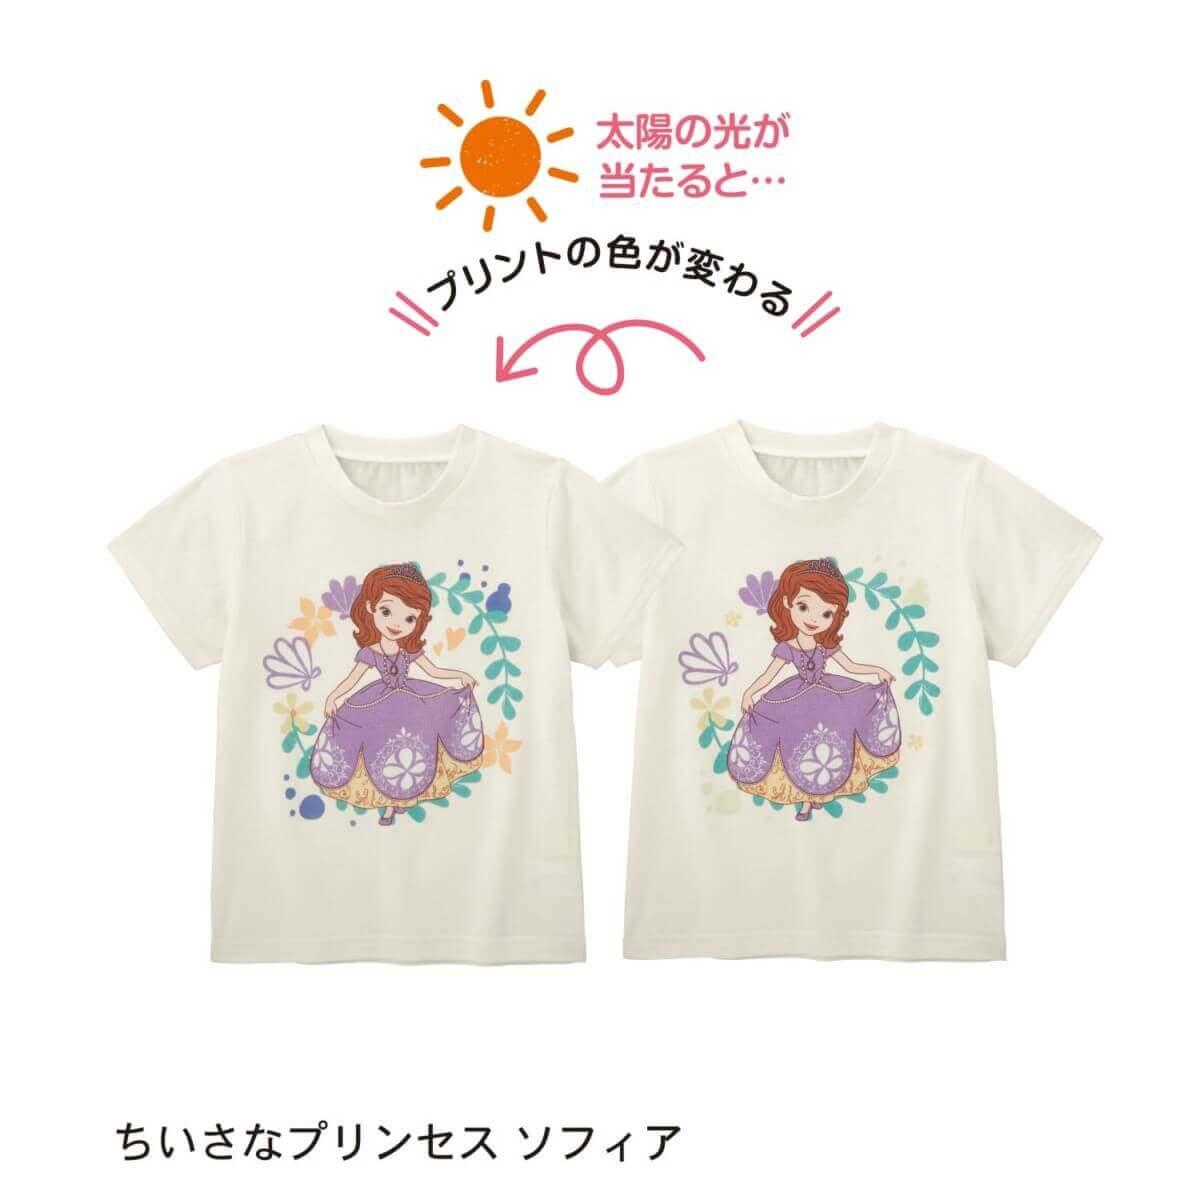 太陽光で色が変わるTシャツ ソフィア 変化イメージ